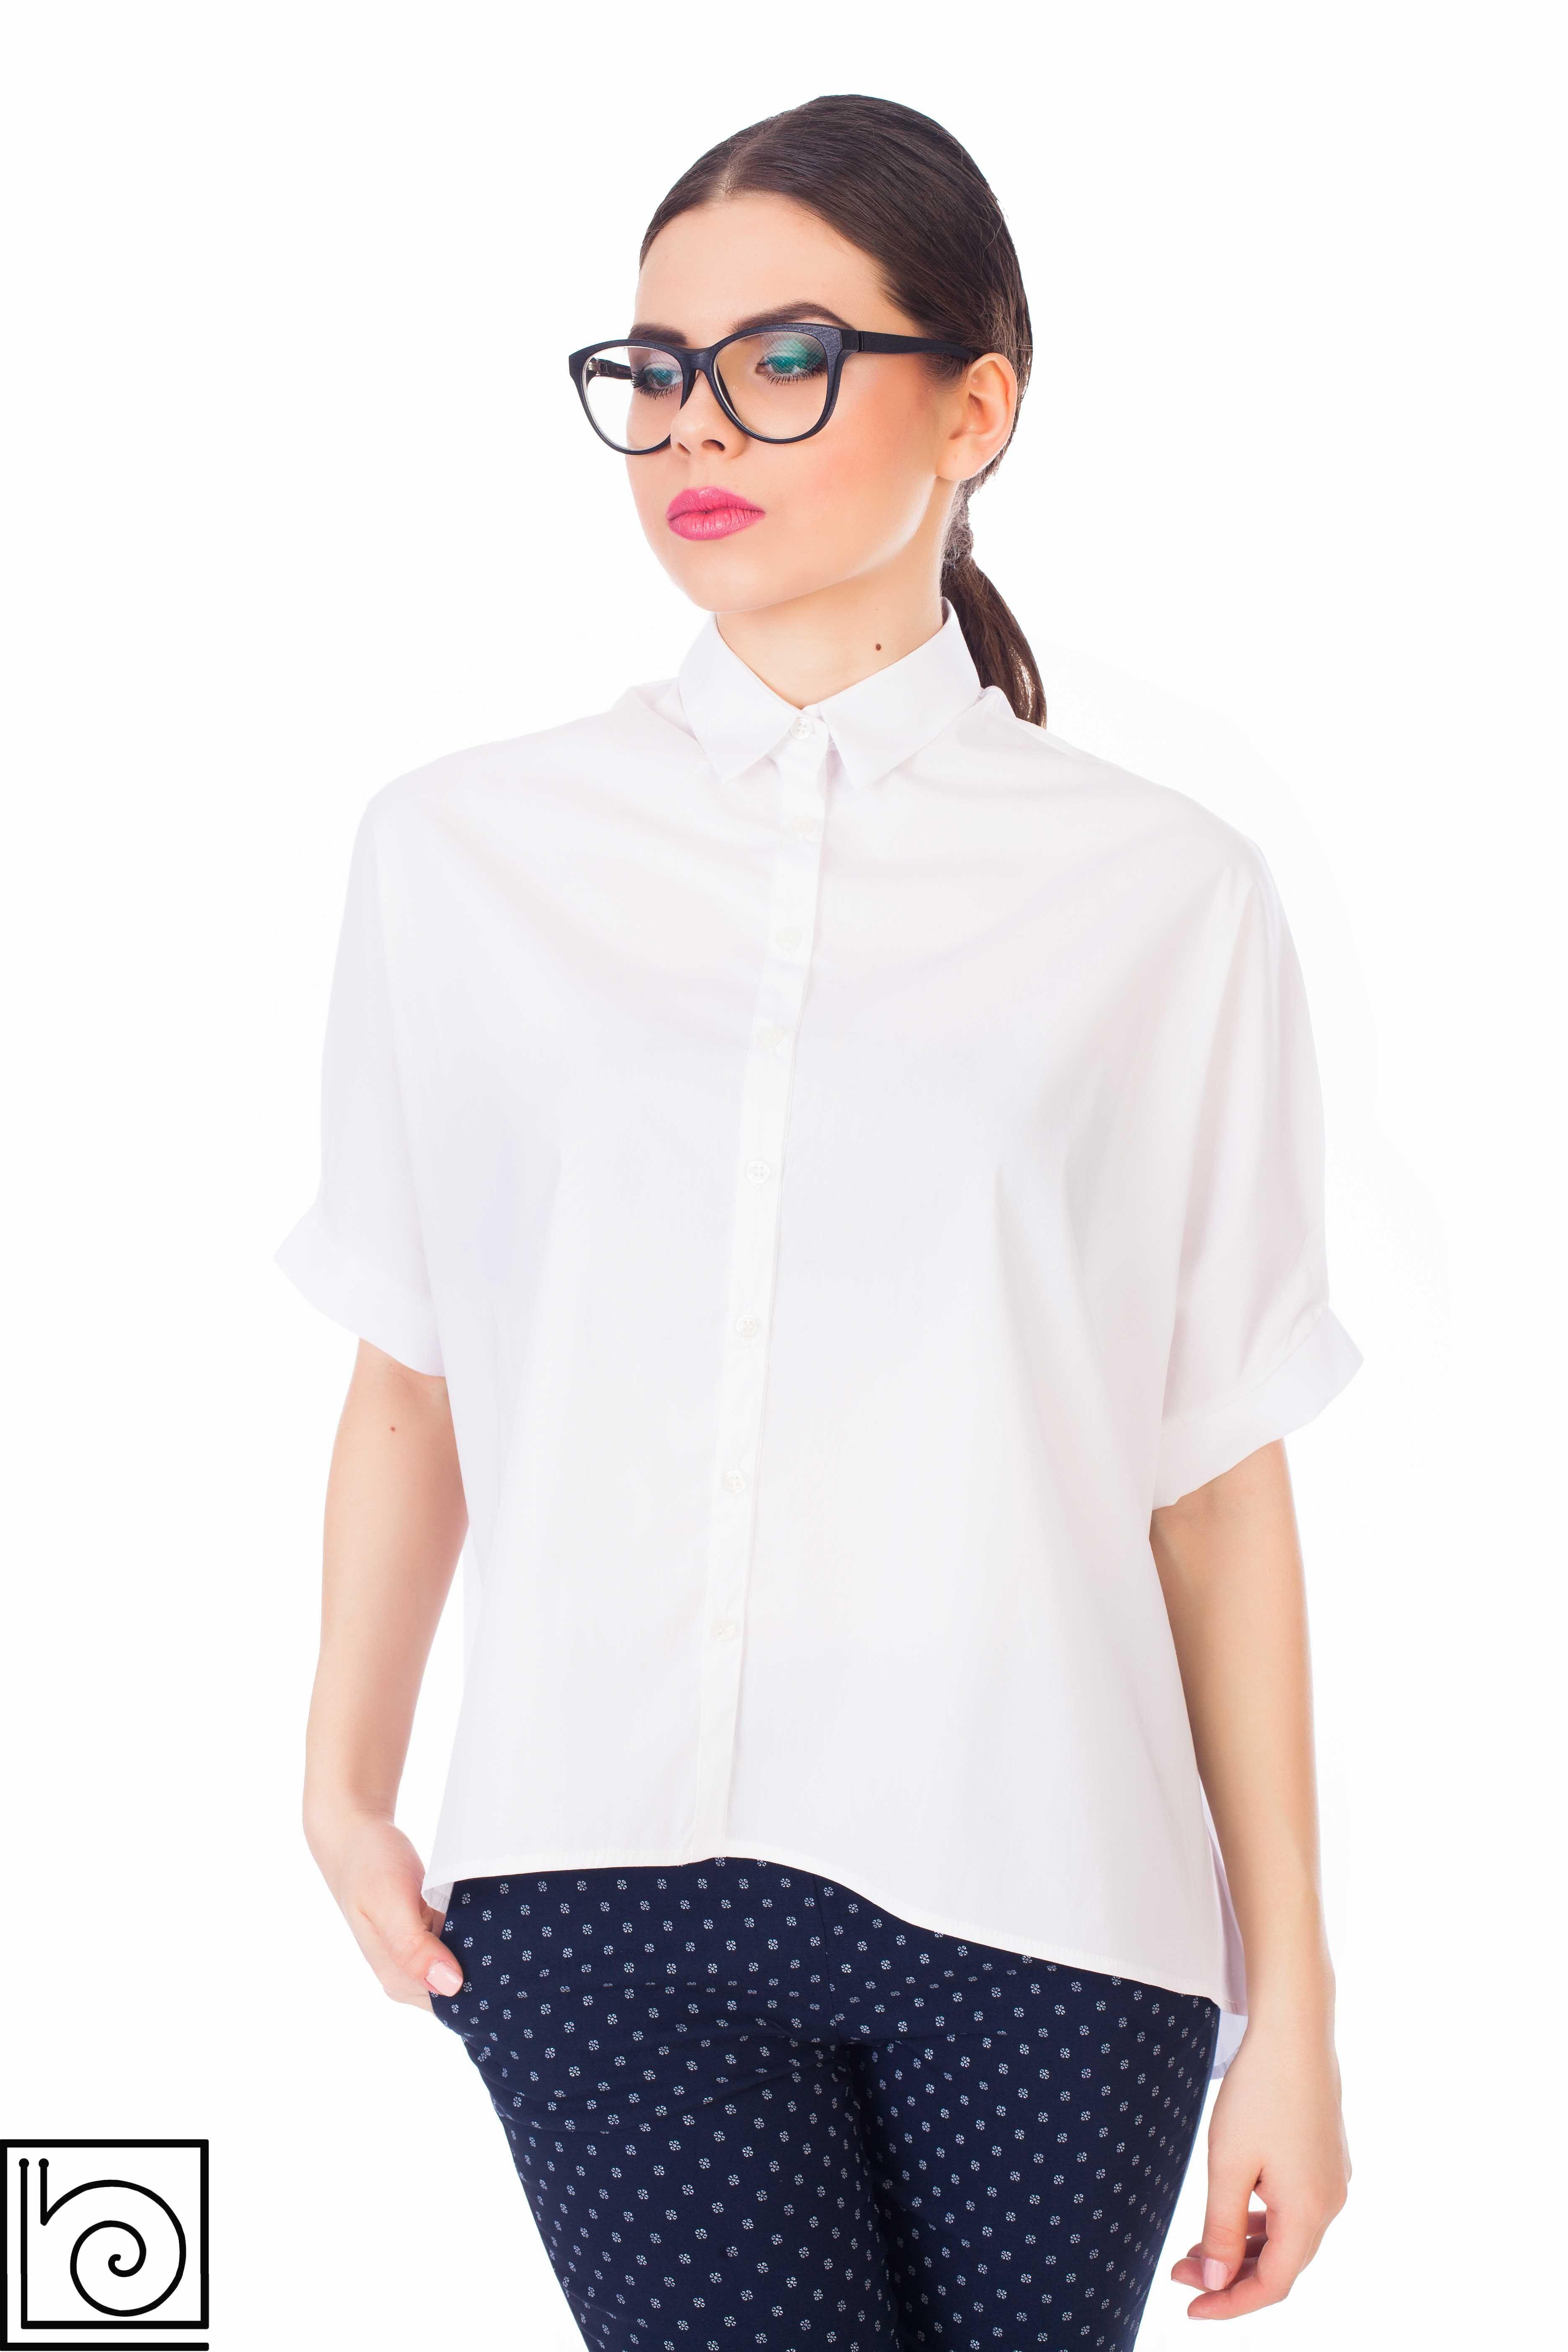 02e8bc69d36f Стильная белая женская рубашка, широкая, короткий рукав. Leidiro. Иалия.